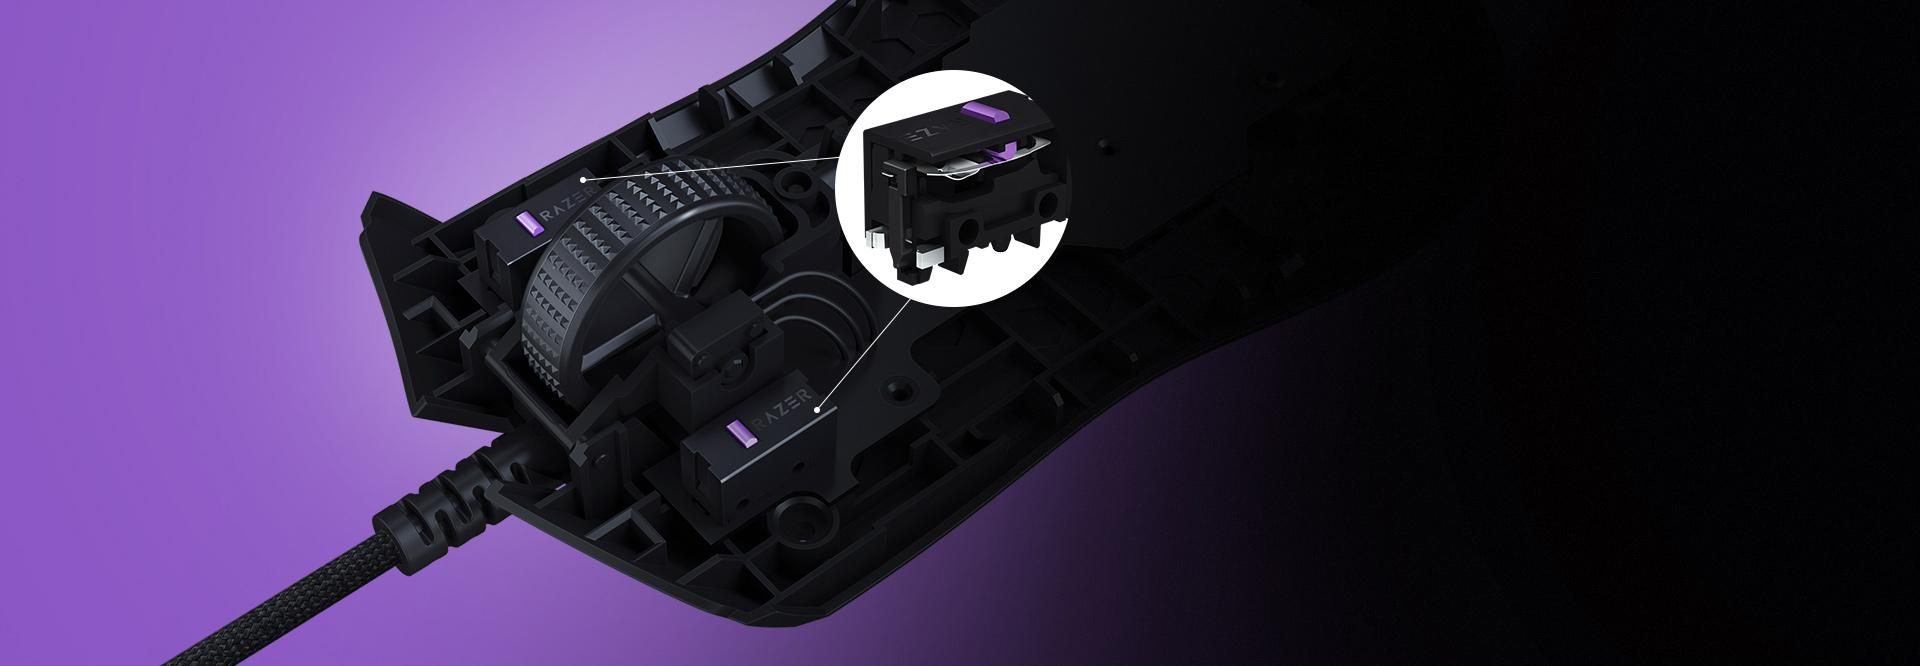 Chuột chơi game Razer Viper Gaming sử dụng switch chuột quang học tiên tiến